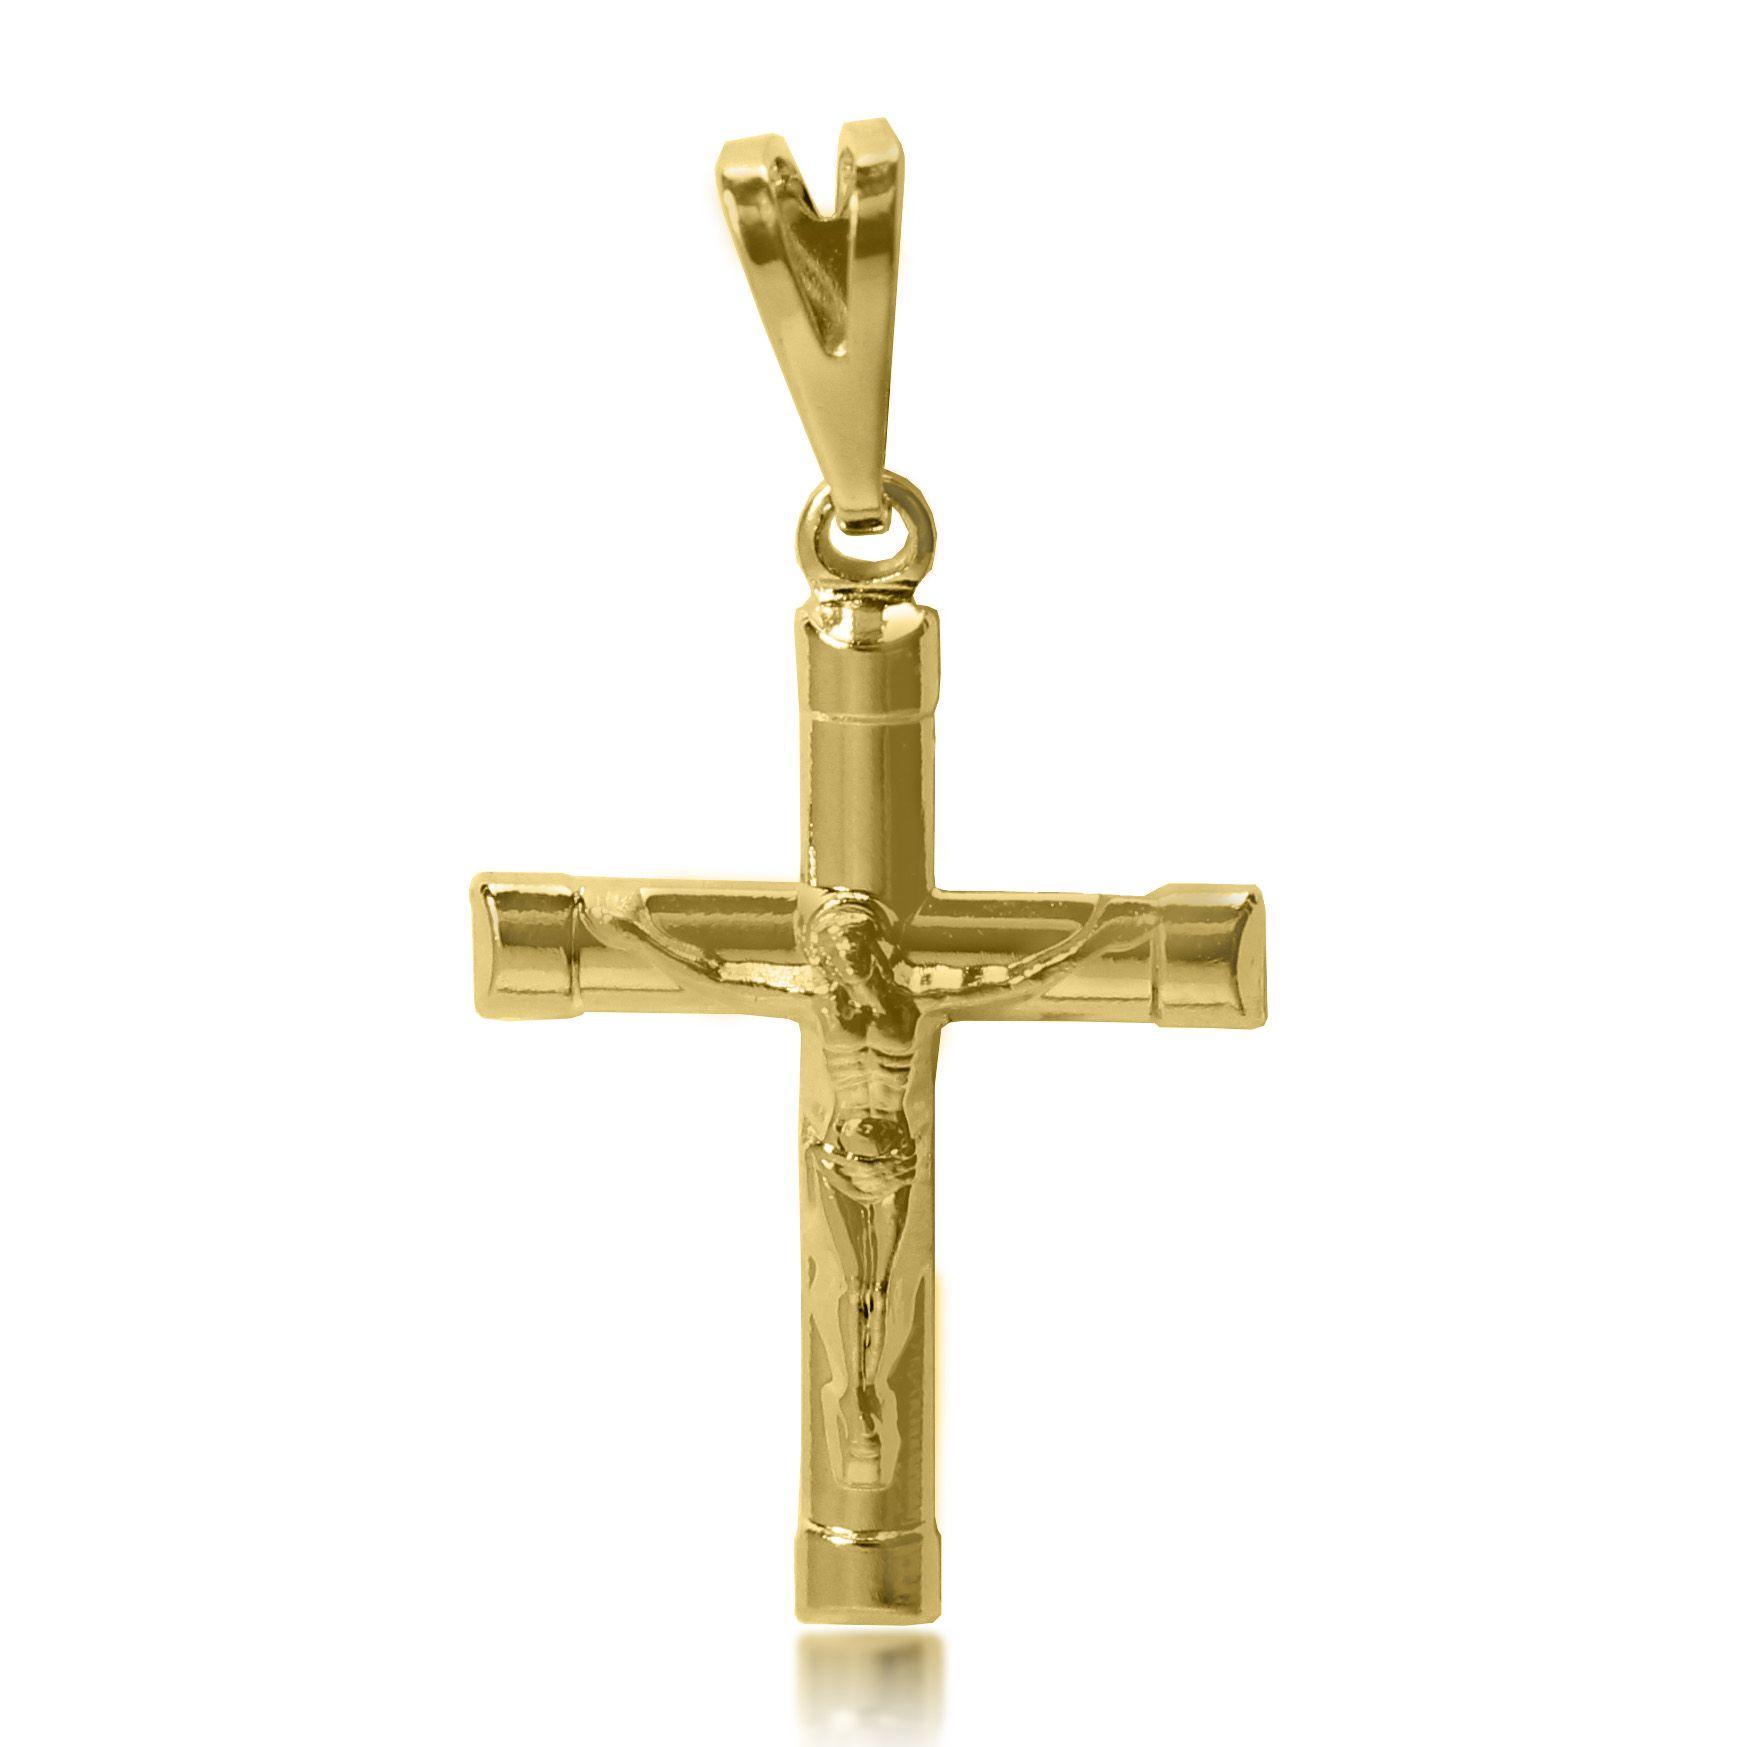 Pingente Cruz Menor Jesus Relevo Folheado a Ouro 18k